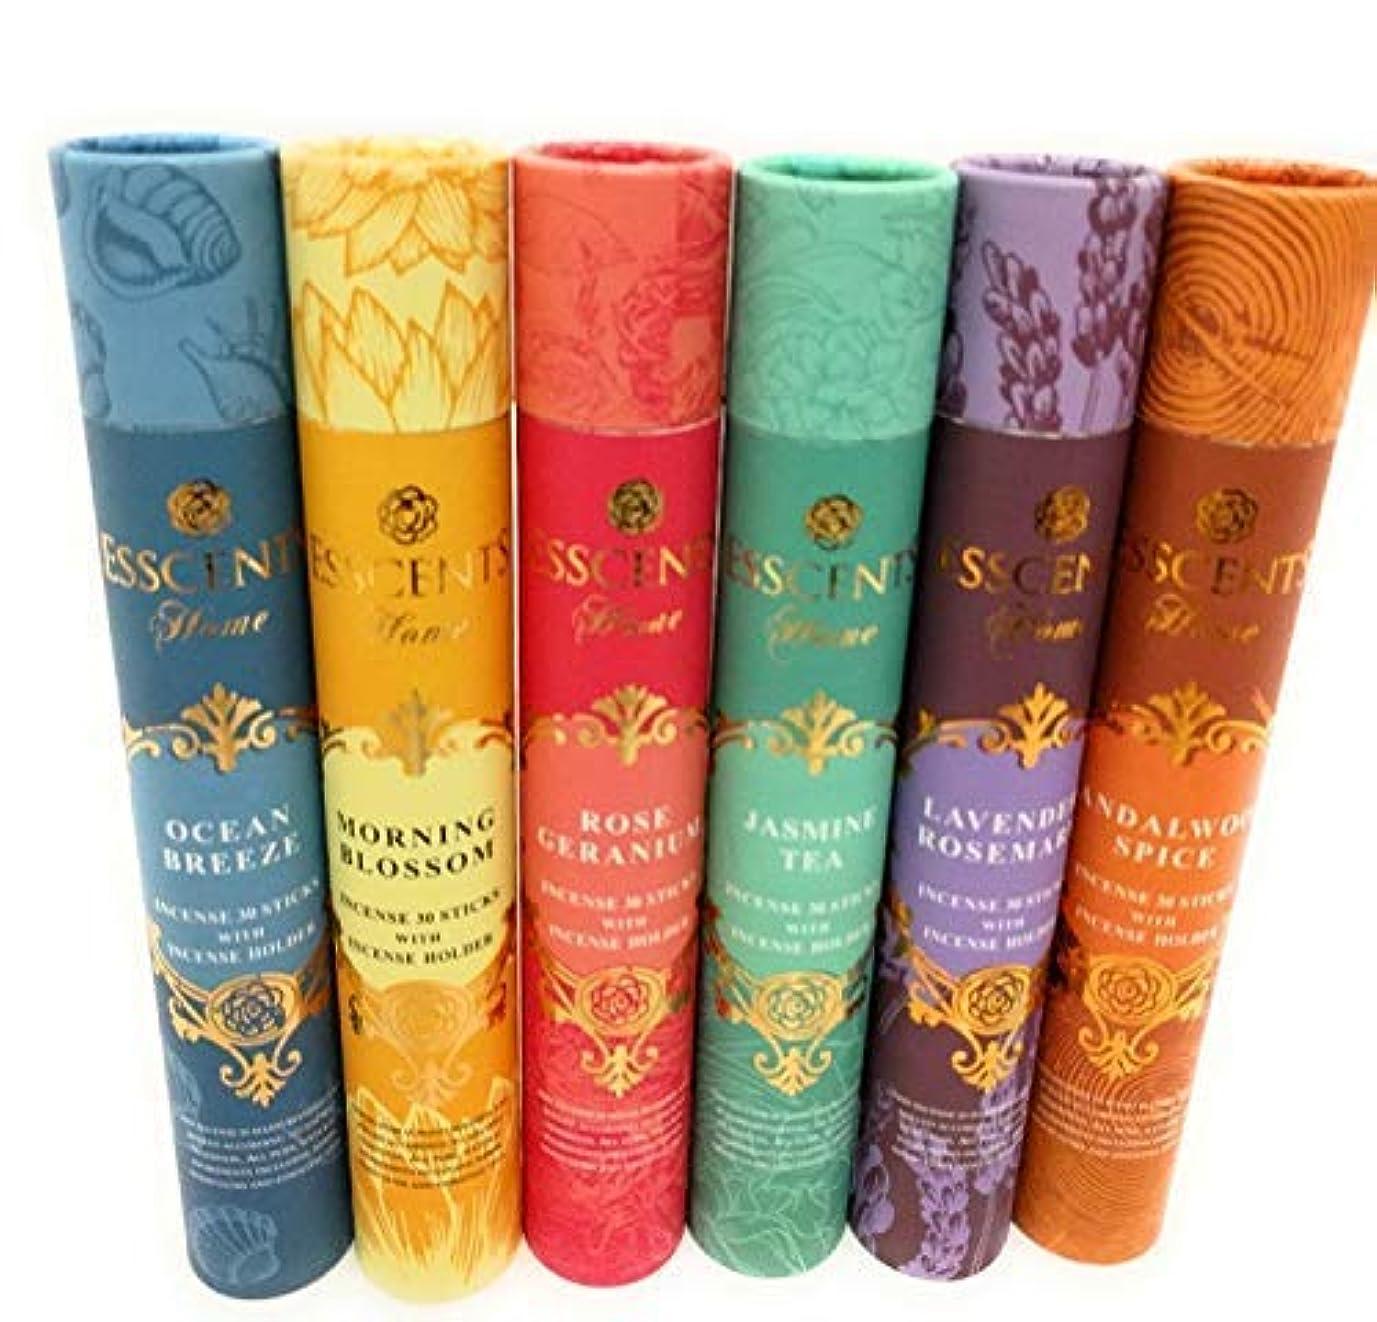 Essence incense gift pack 180 sticks with incense holder 6 flavours, Ocean,Morning Blosom,Jasmine tea,Rose Geranium...